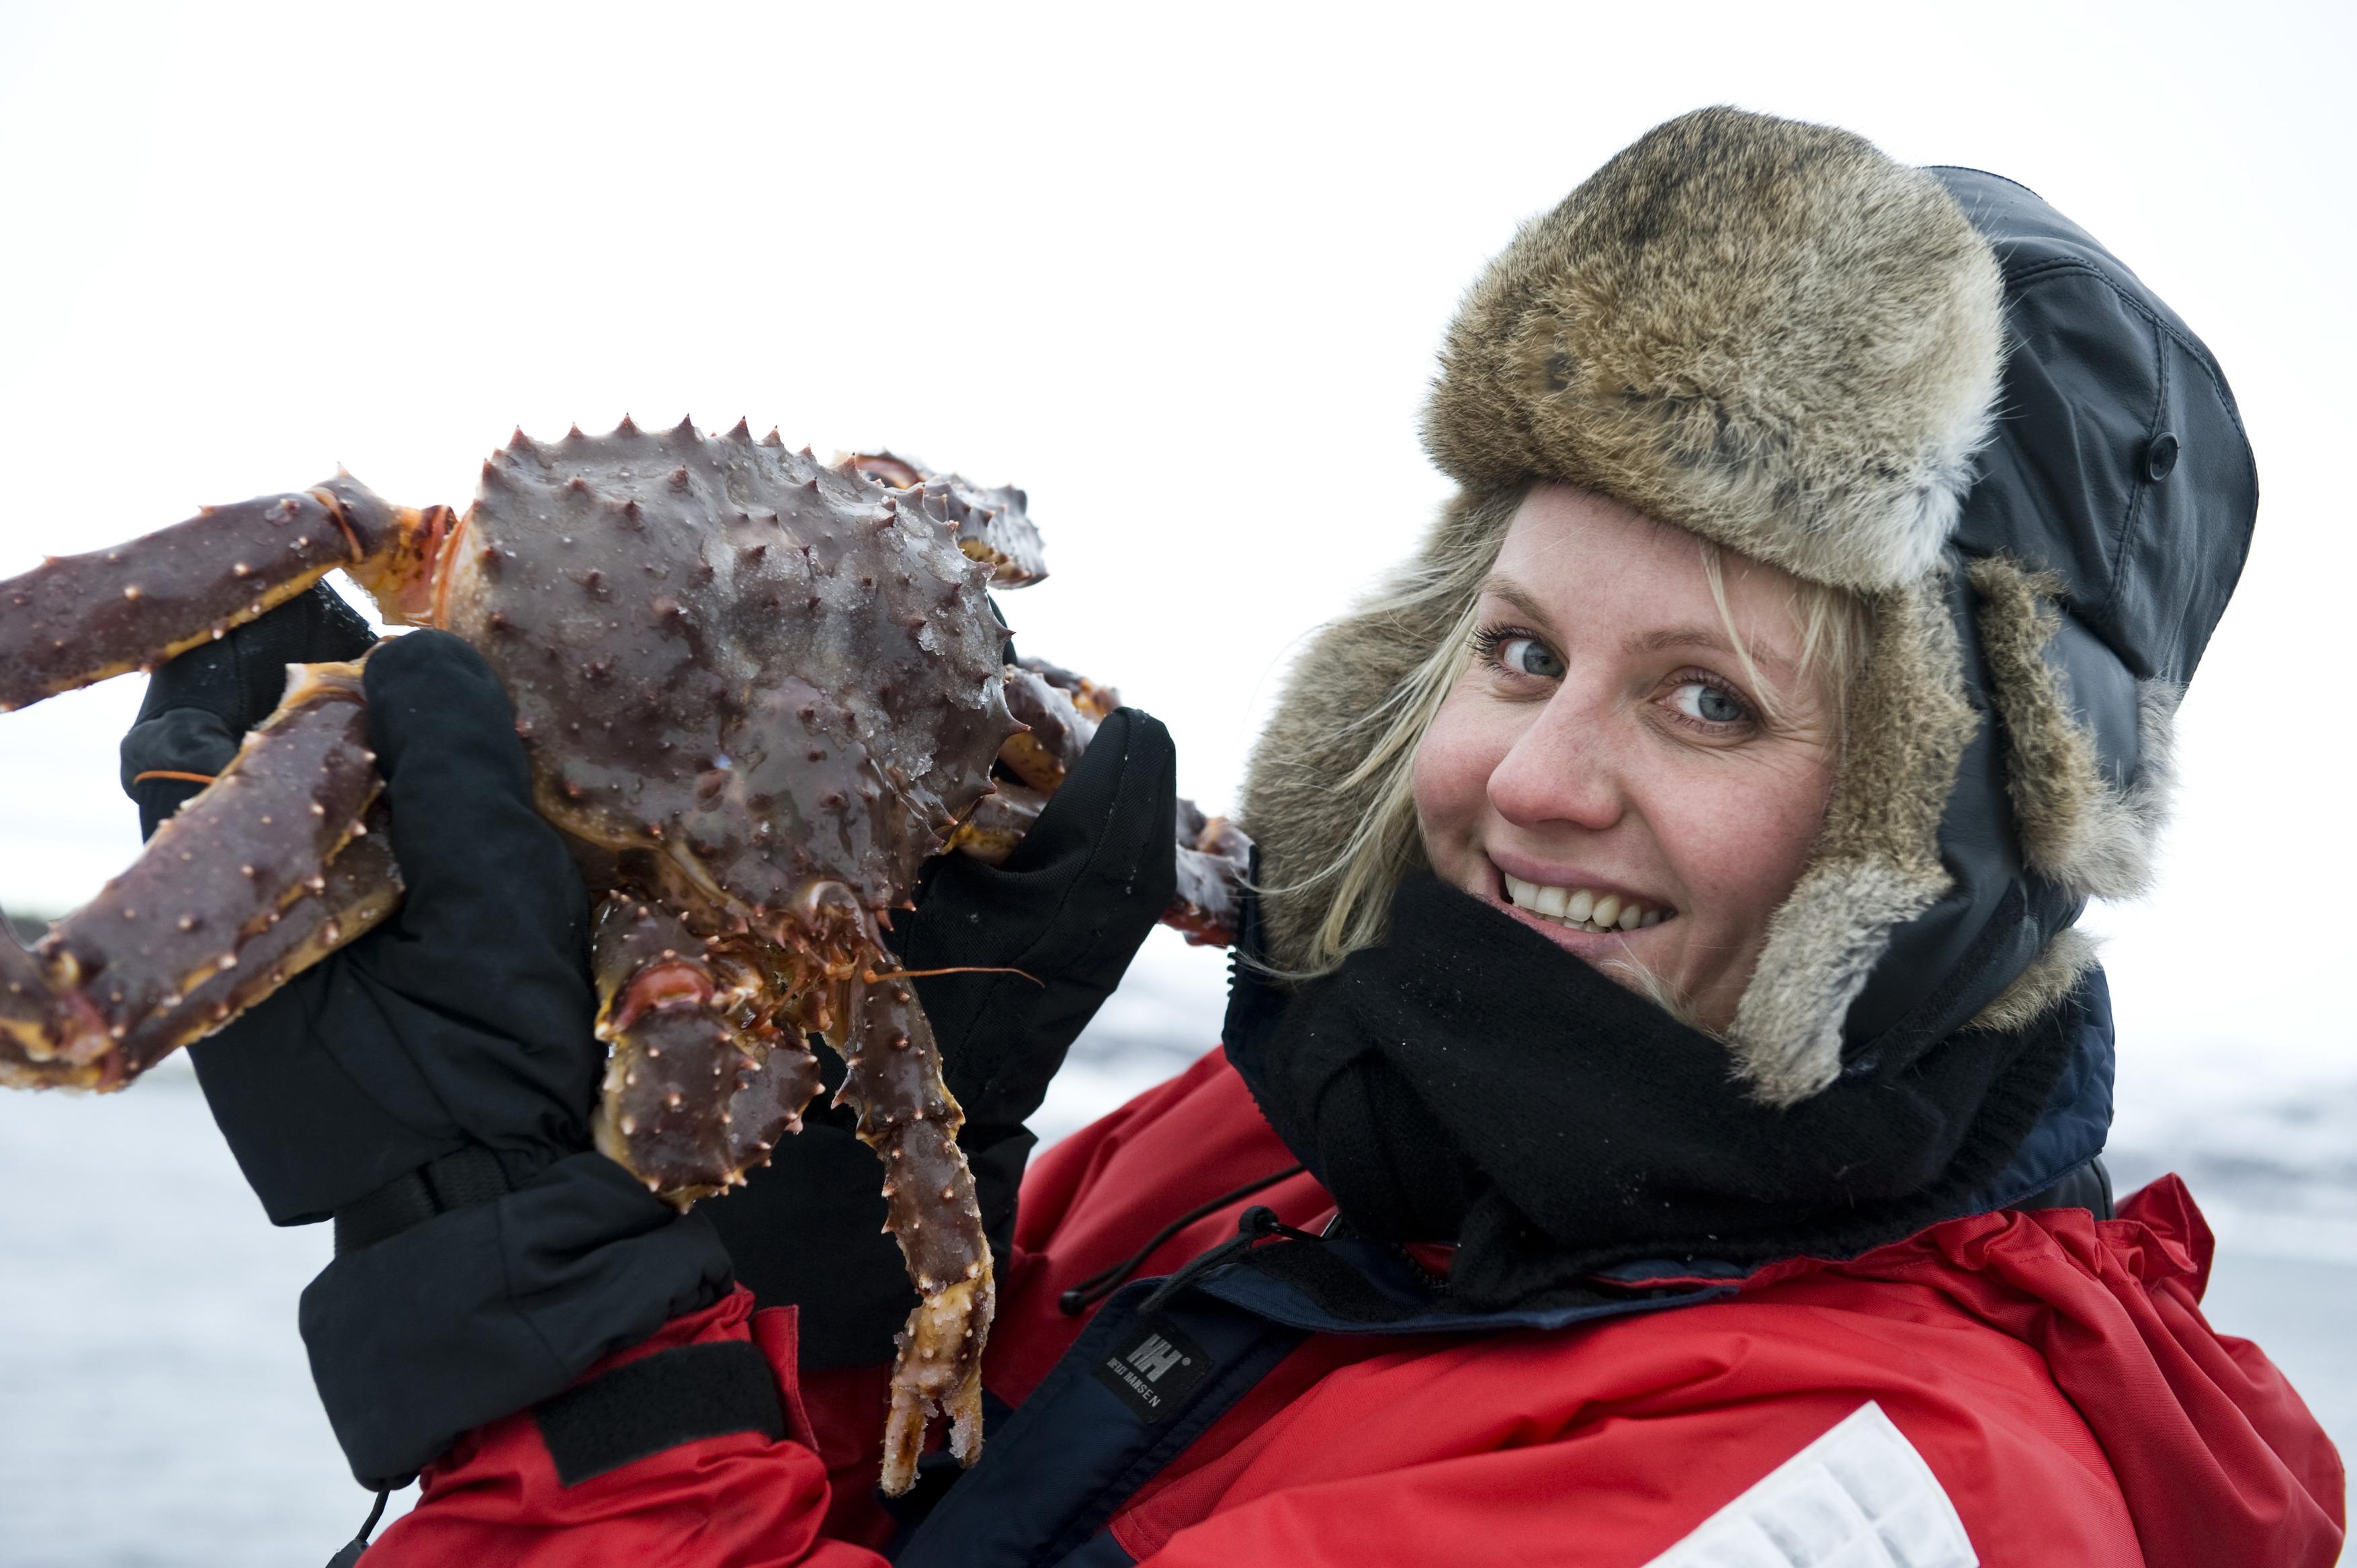 Girl-with-king-crab-Kirkenes-072009-99-0057.jpg